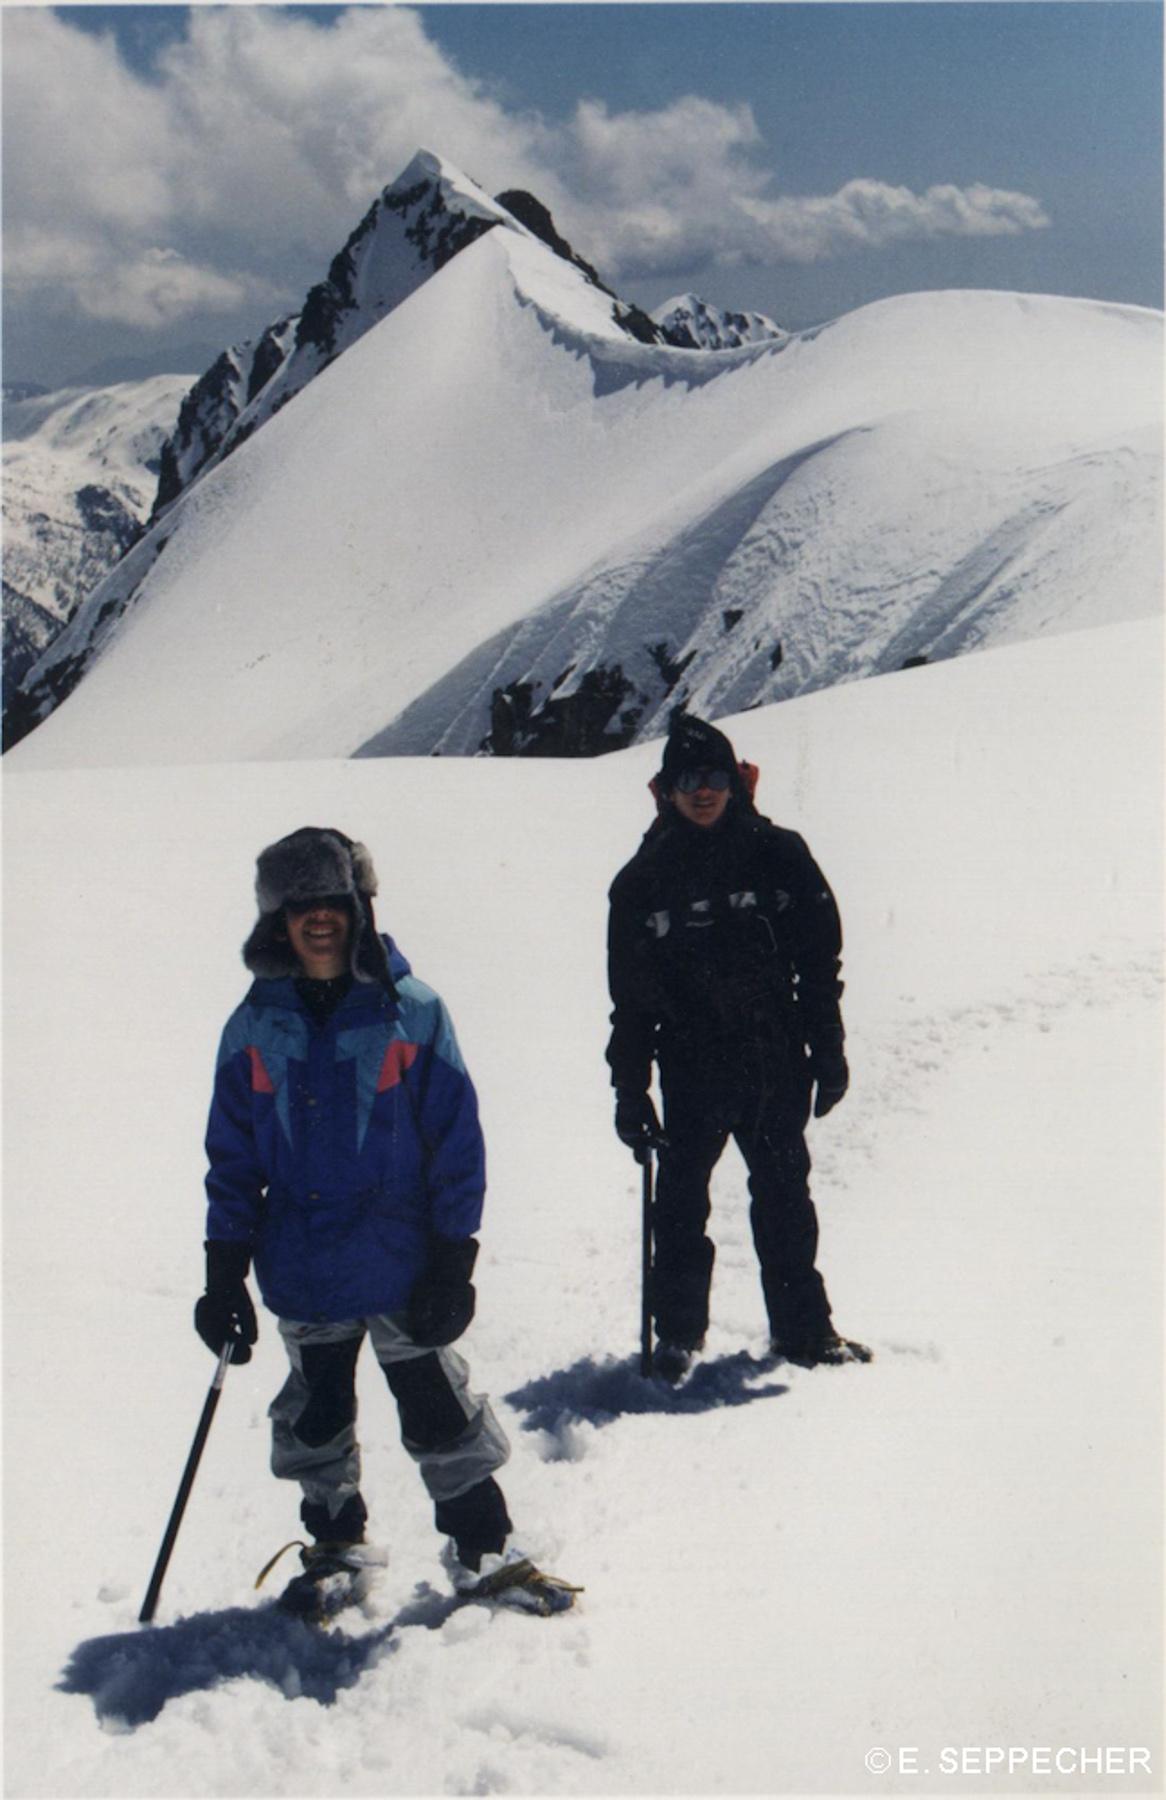 Les deux frangins au Gelas, 1999?